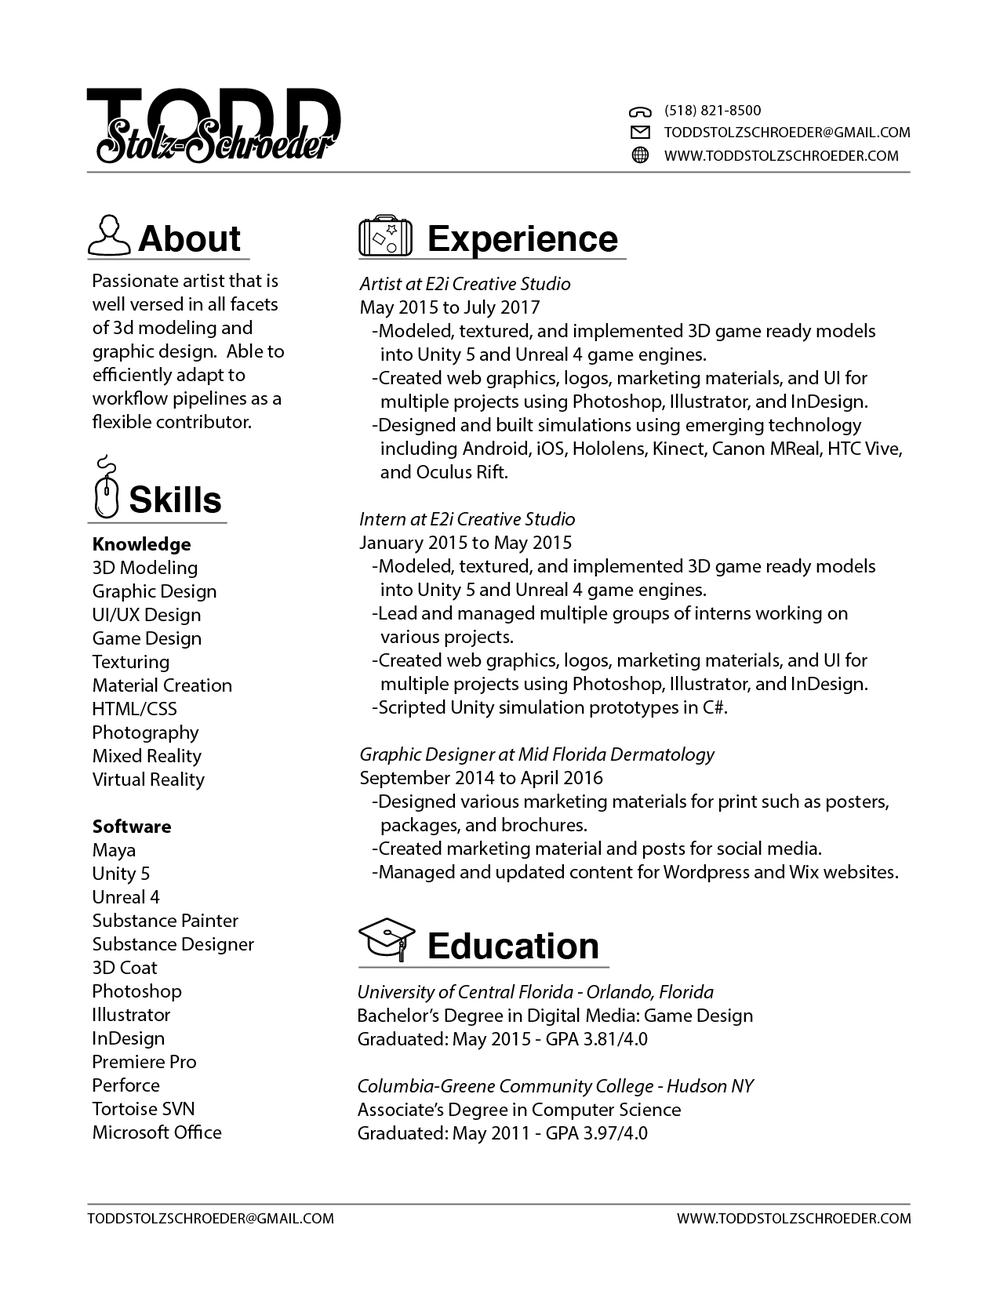 Resume — Todd Stolz-Schroeder